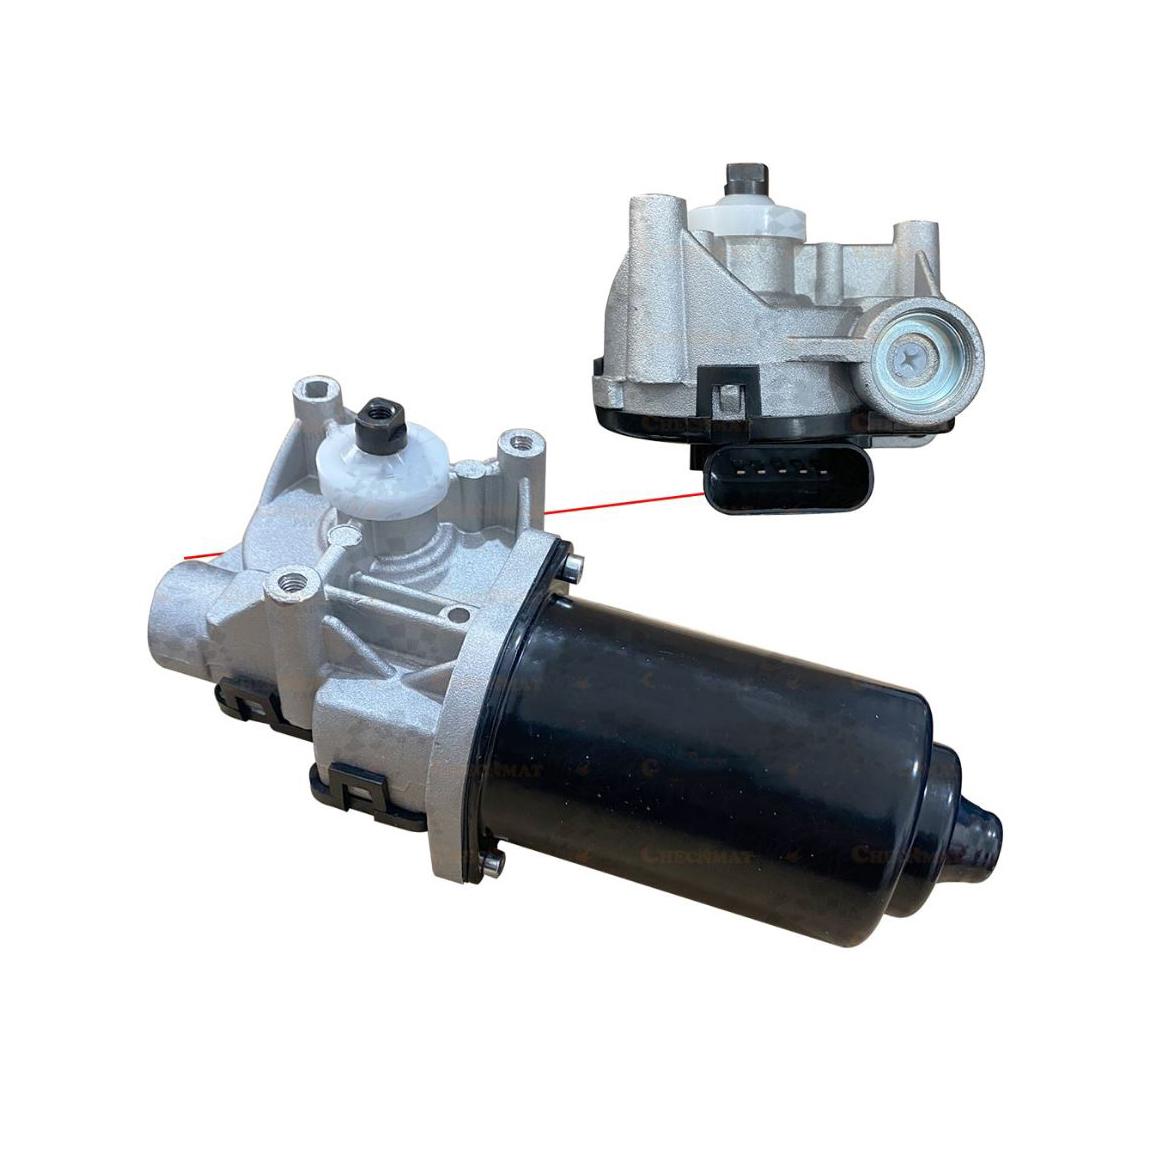 Motor Limpador F250 F350 1999 até 2010 (C617508) - CEMAK - P